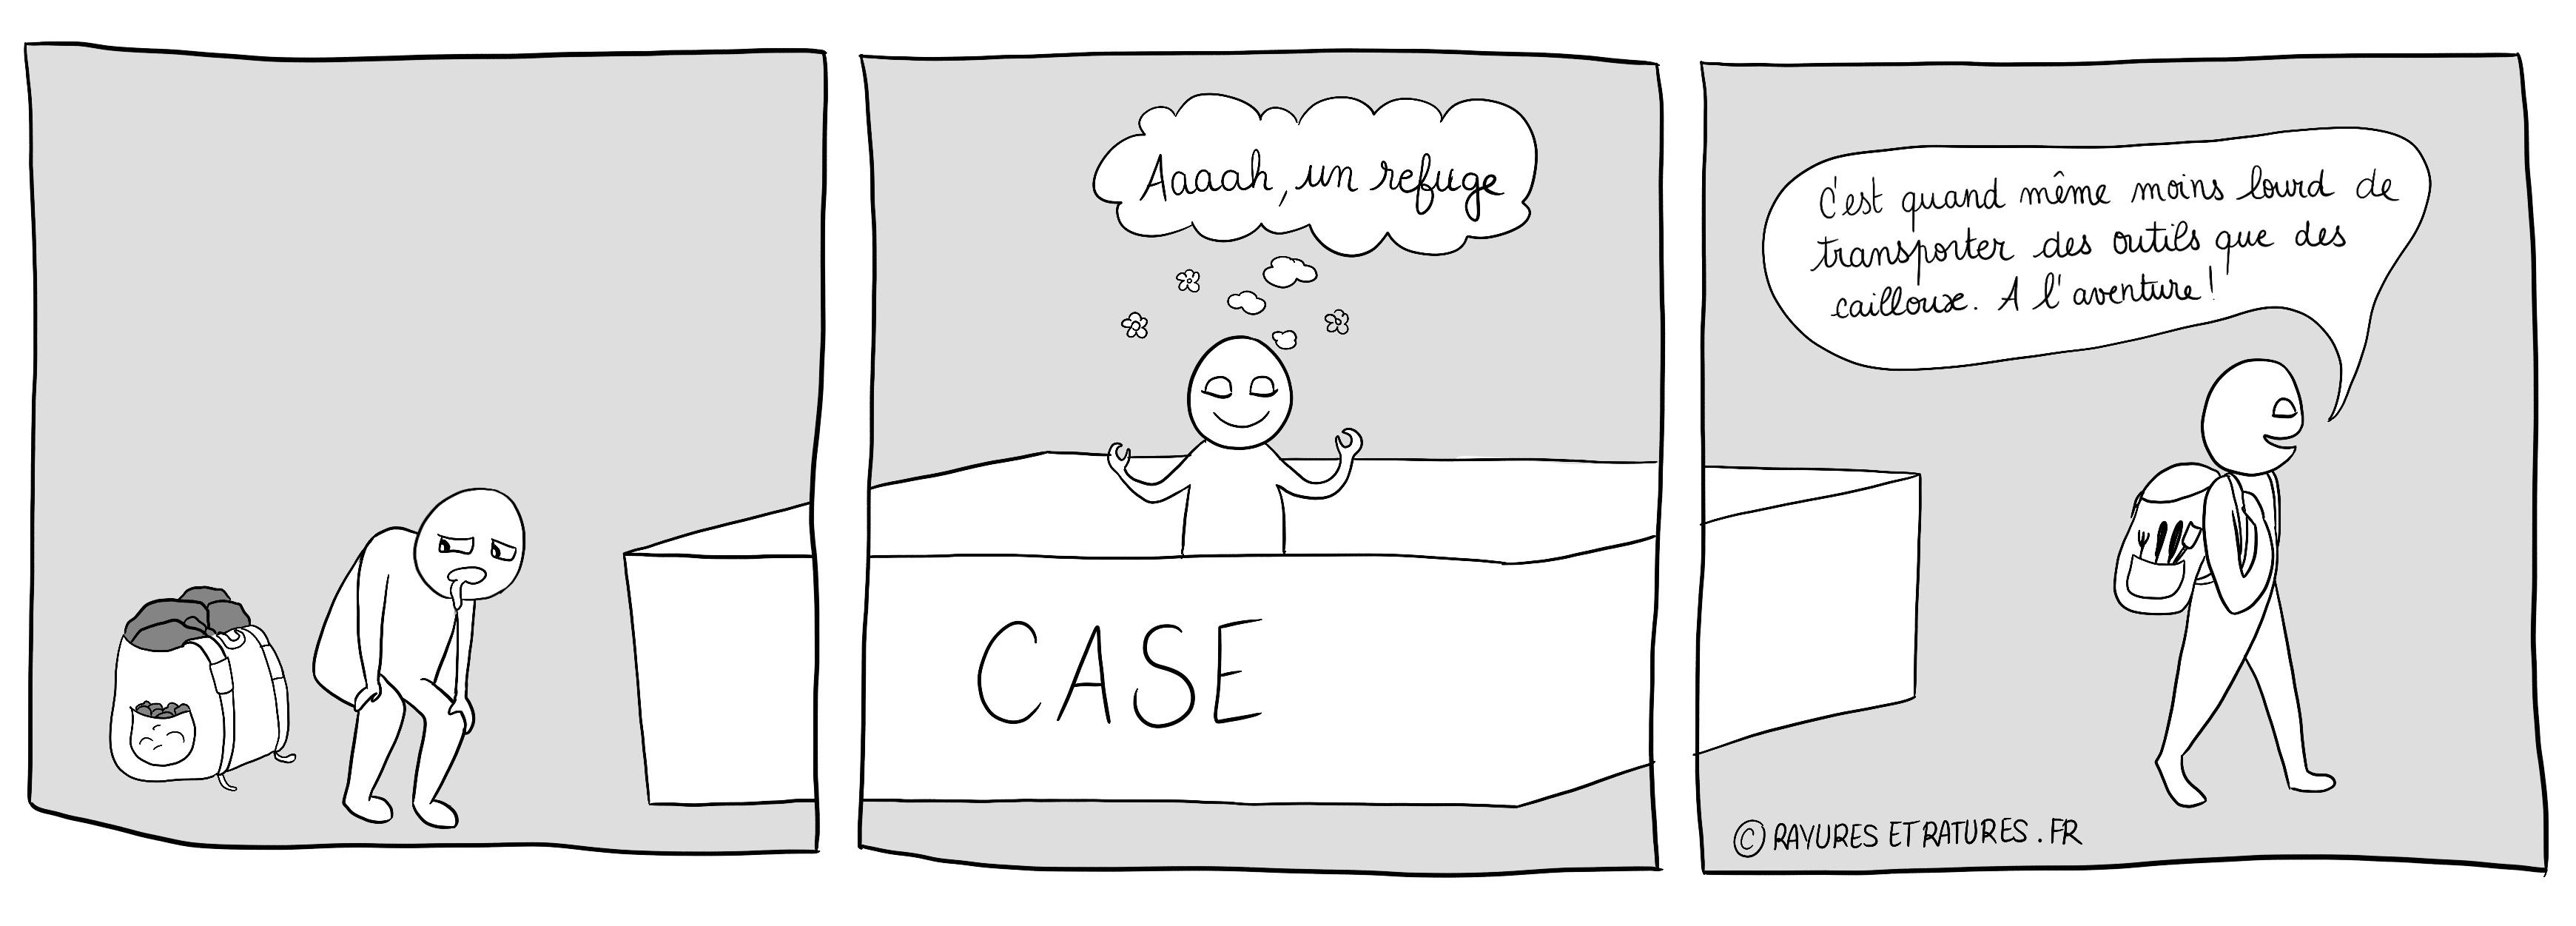 Refuge dans une case - Besoin d'appartenance - Poser un diagnostic - importance d'être identifié surdoué